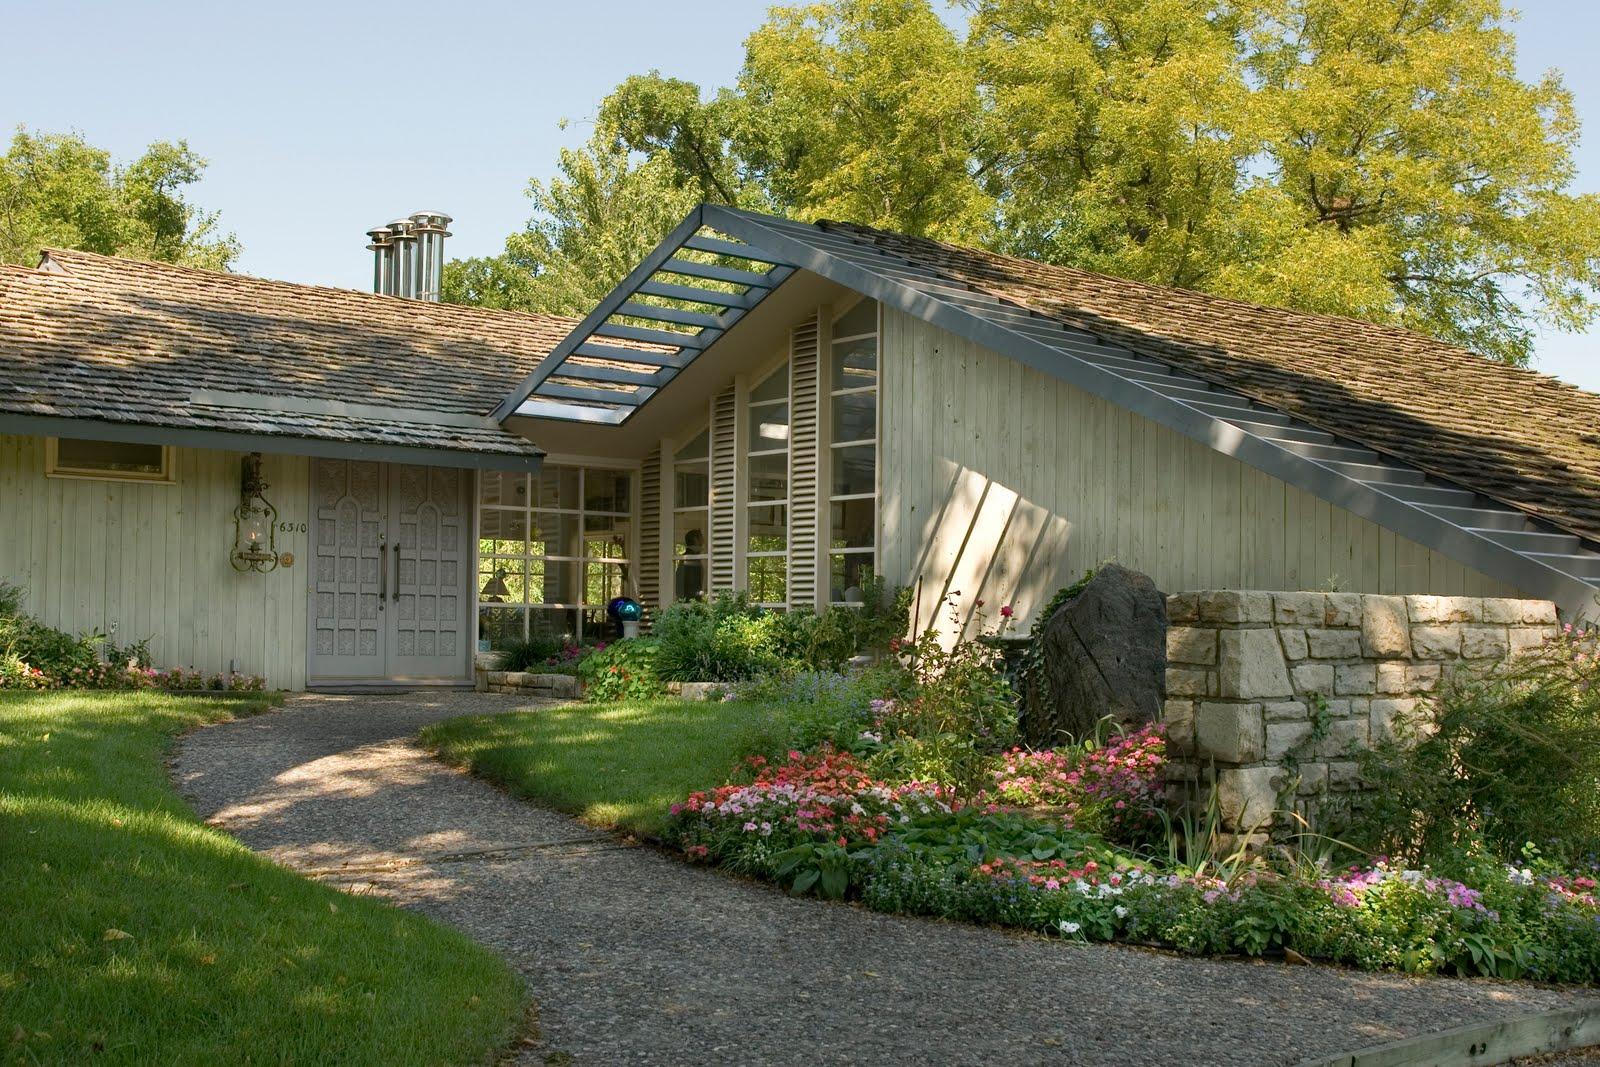 Kcmodern bob wendt house designer builder part 2 for Housedesigner com